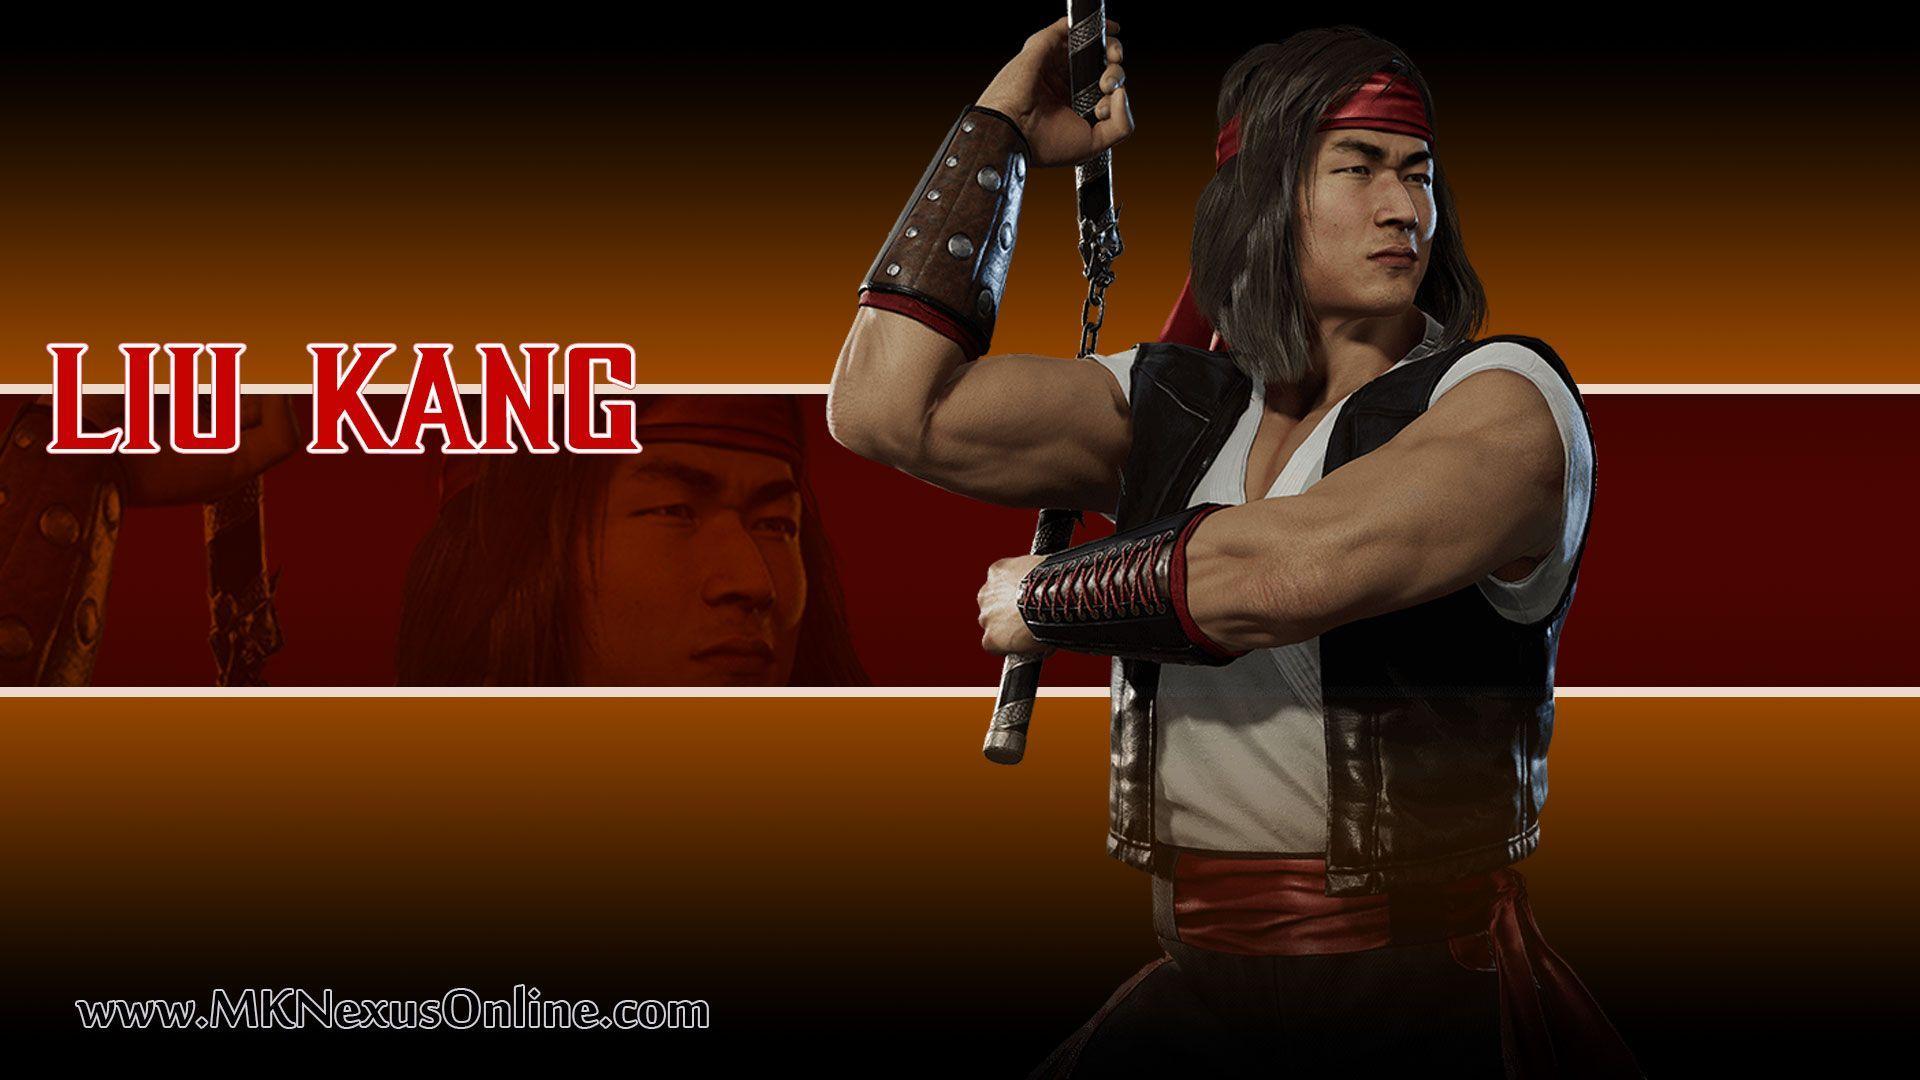 Liu Kang Wallpapers Top Free Liu Kang Backgrounds Wallpaperaccess